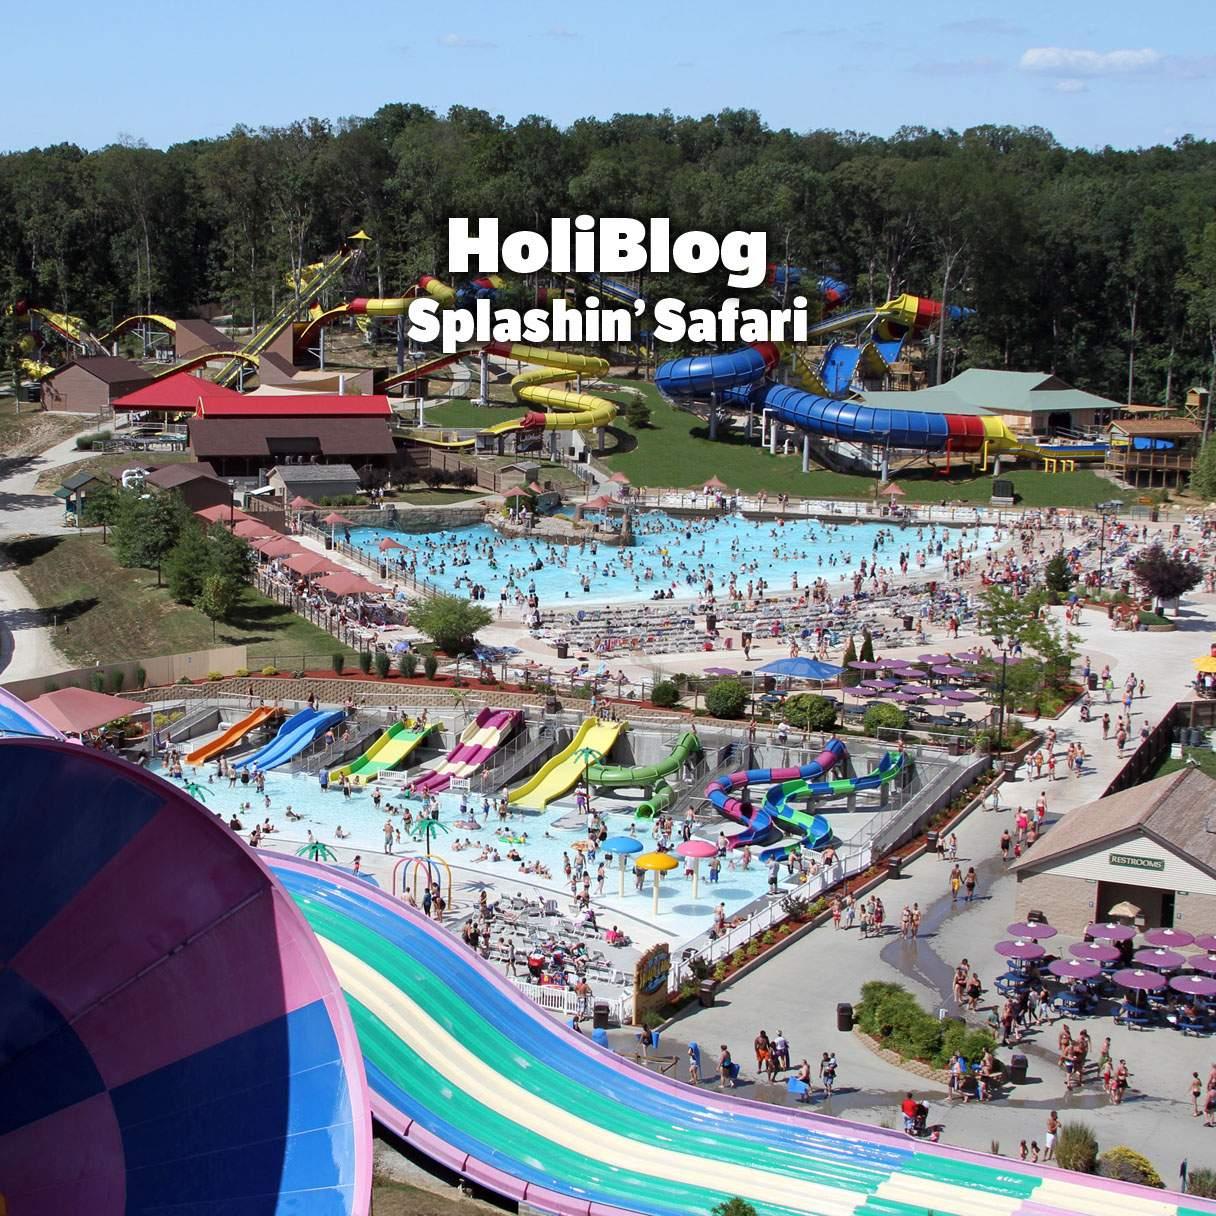 HoliBlog: Splashin' Safari | Holiday World & Splashin' Safari